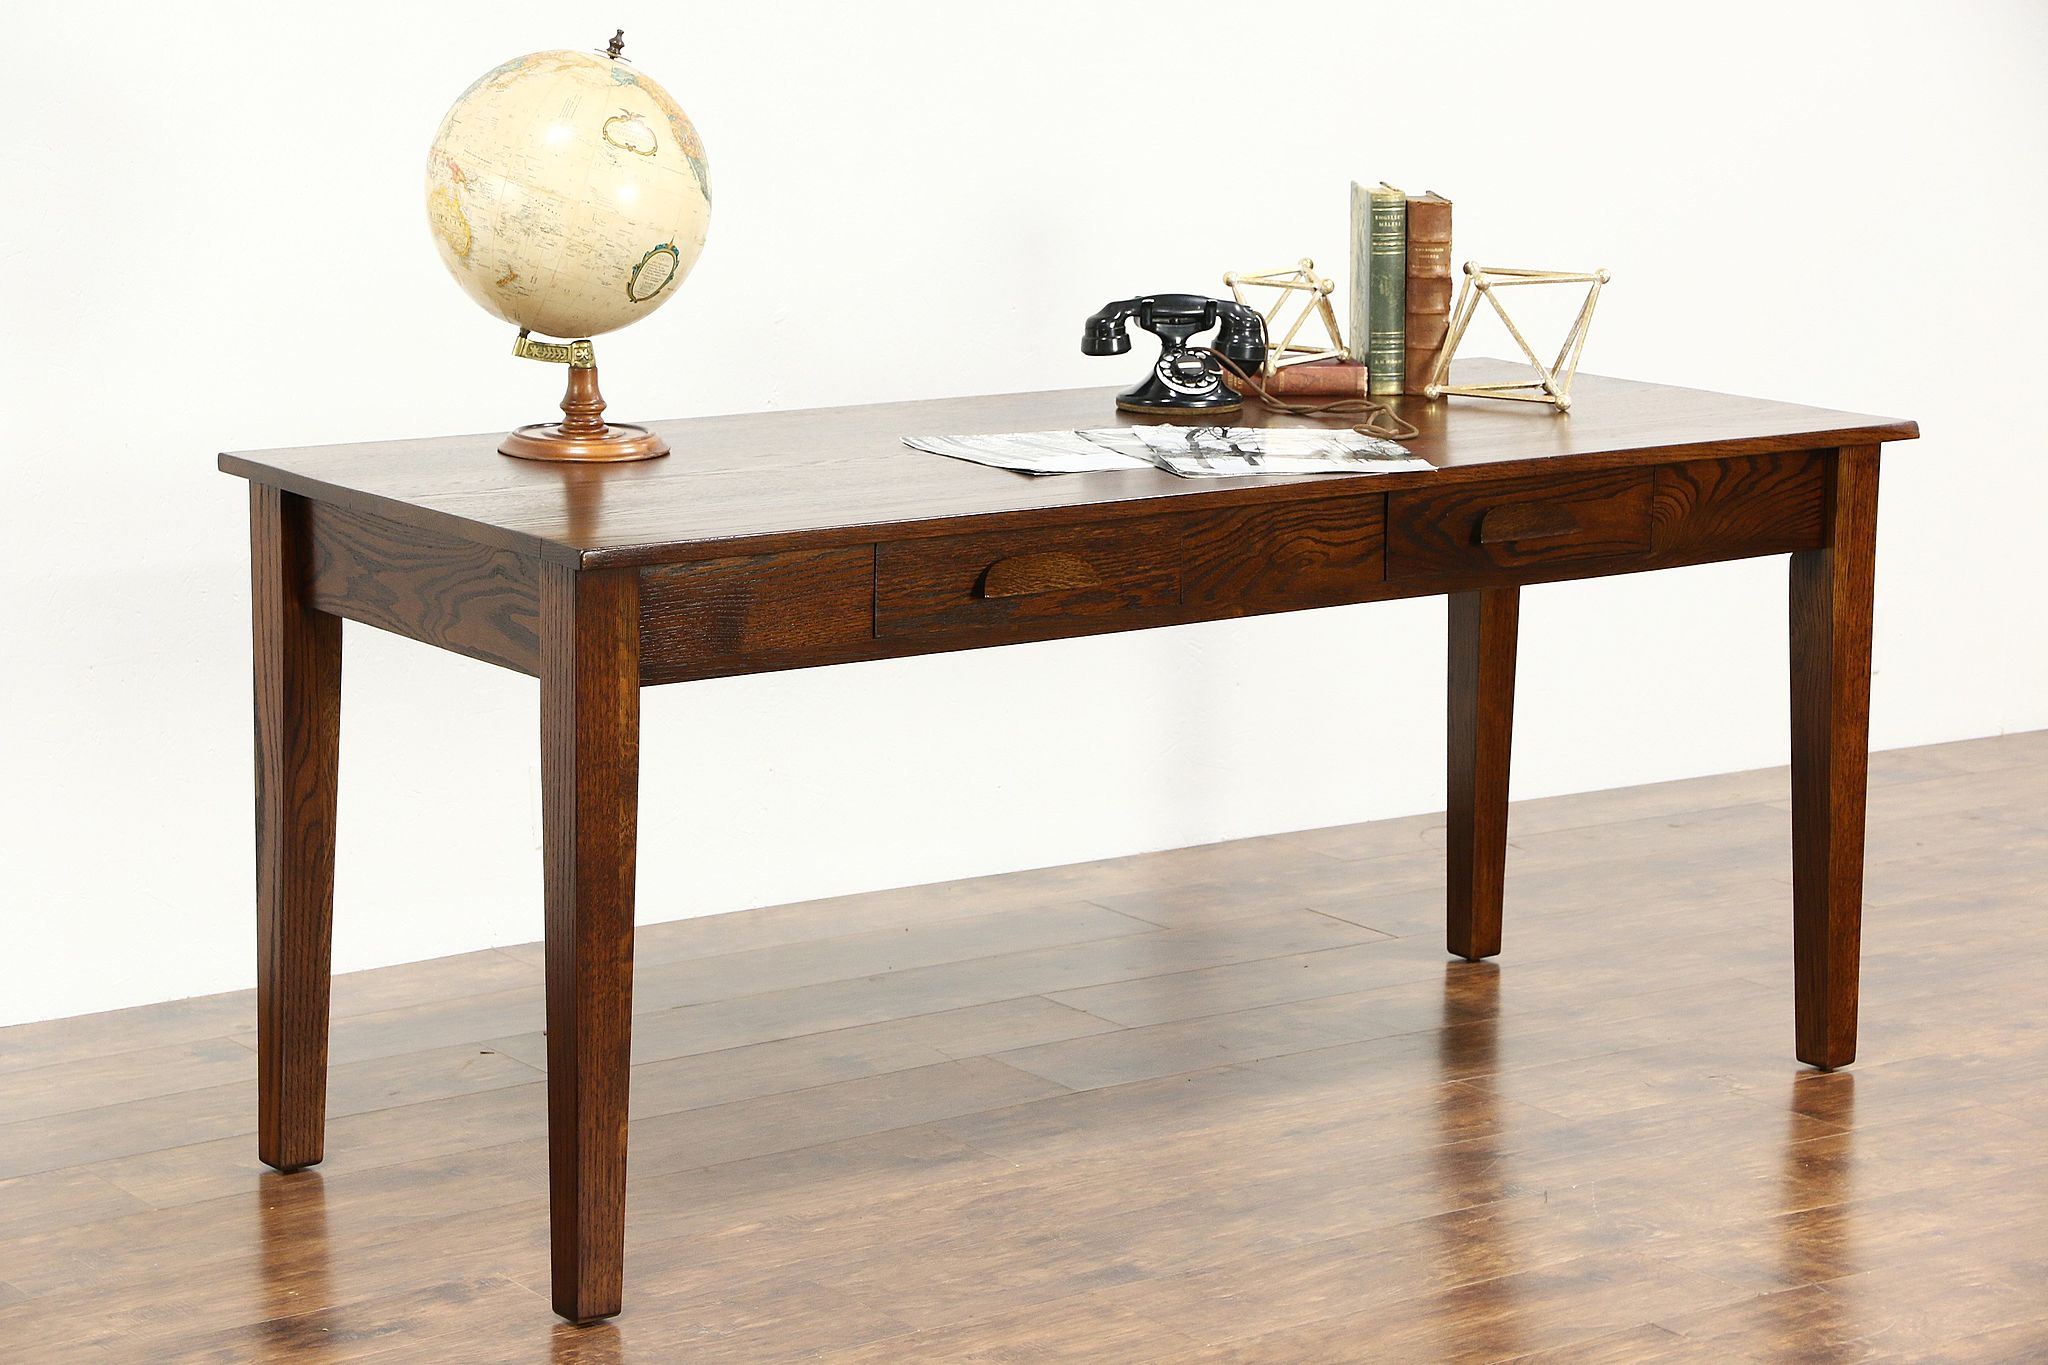 SOLD Arts & Crafts Mission Oak 1905 Antique Signed Craftsman